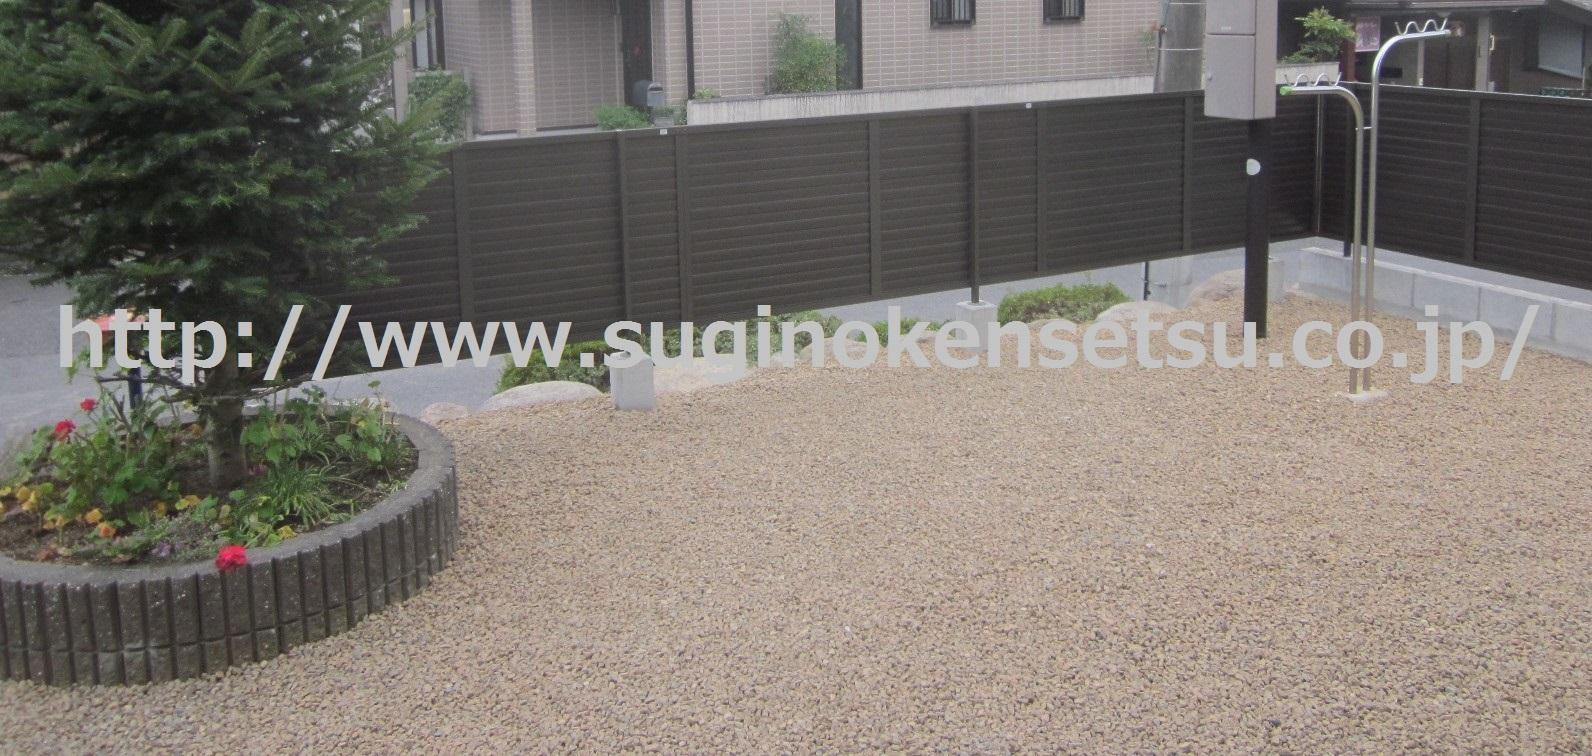 目隠しフェンス、防草対策、砂利敷き